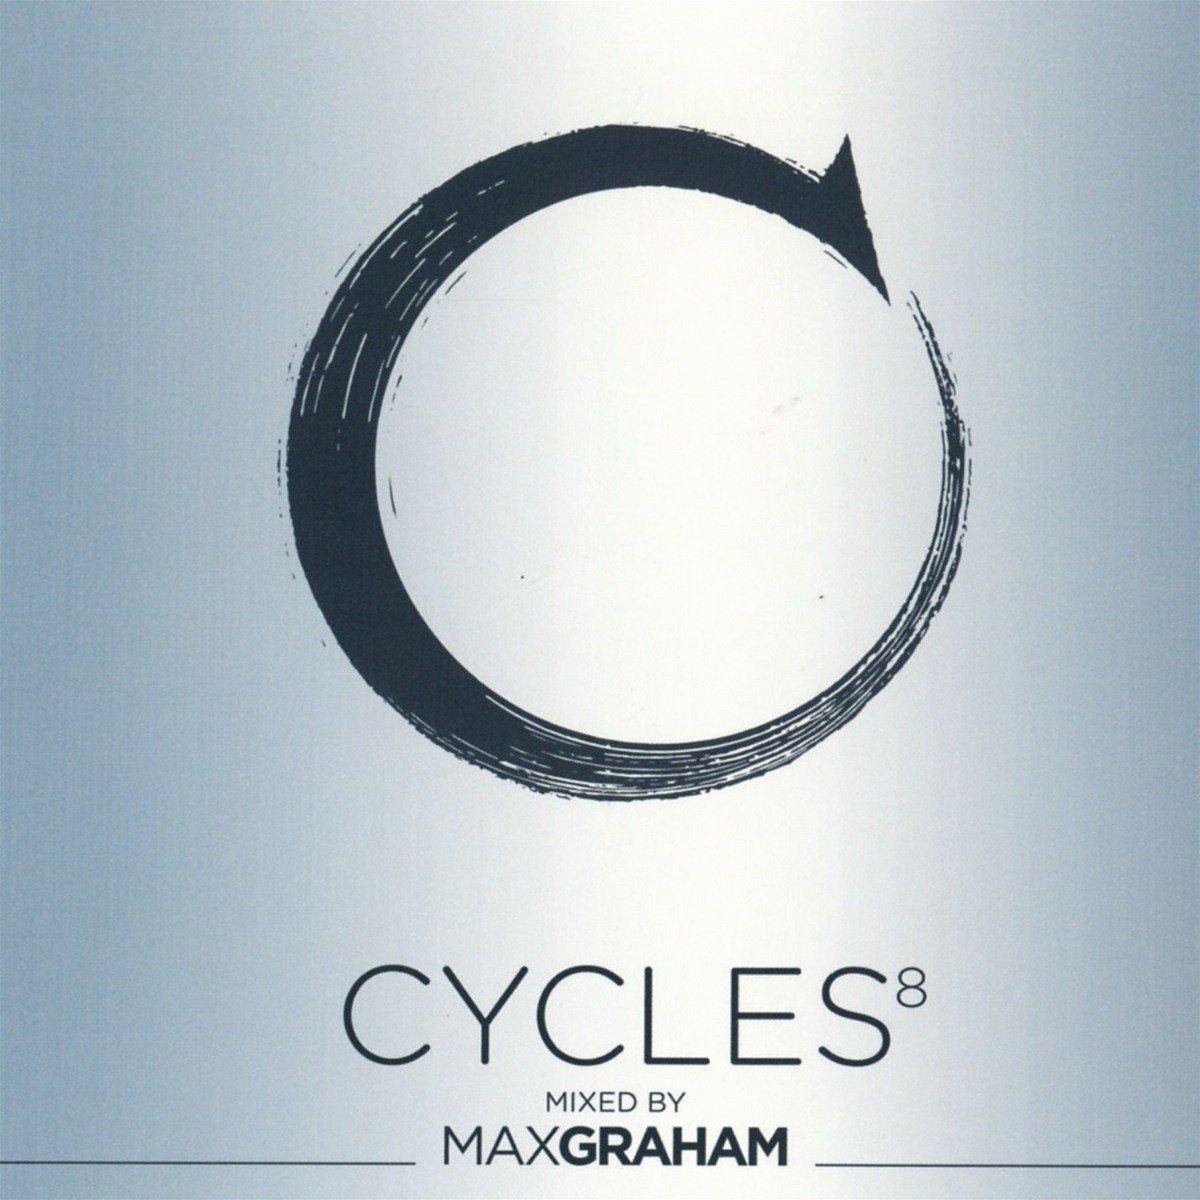 VA – Cycles 8  Mixed by Max Graham (2017) [FLAC]